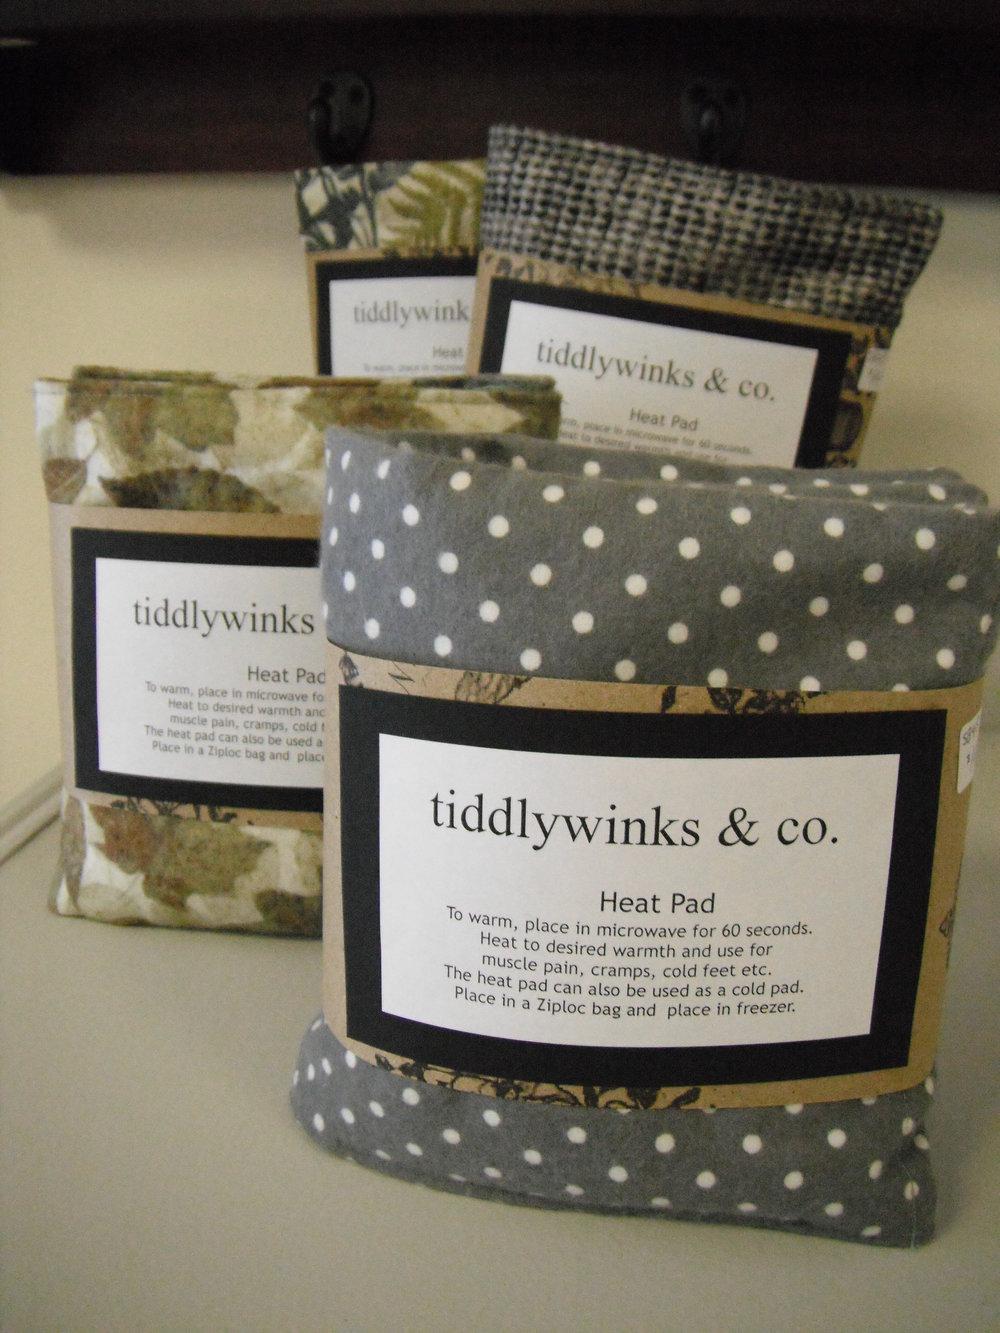 Tiddlywinks & Co.